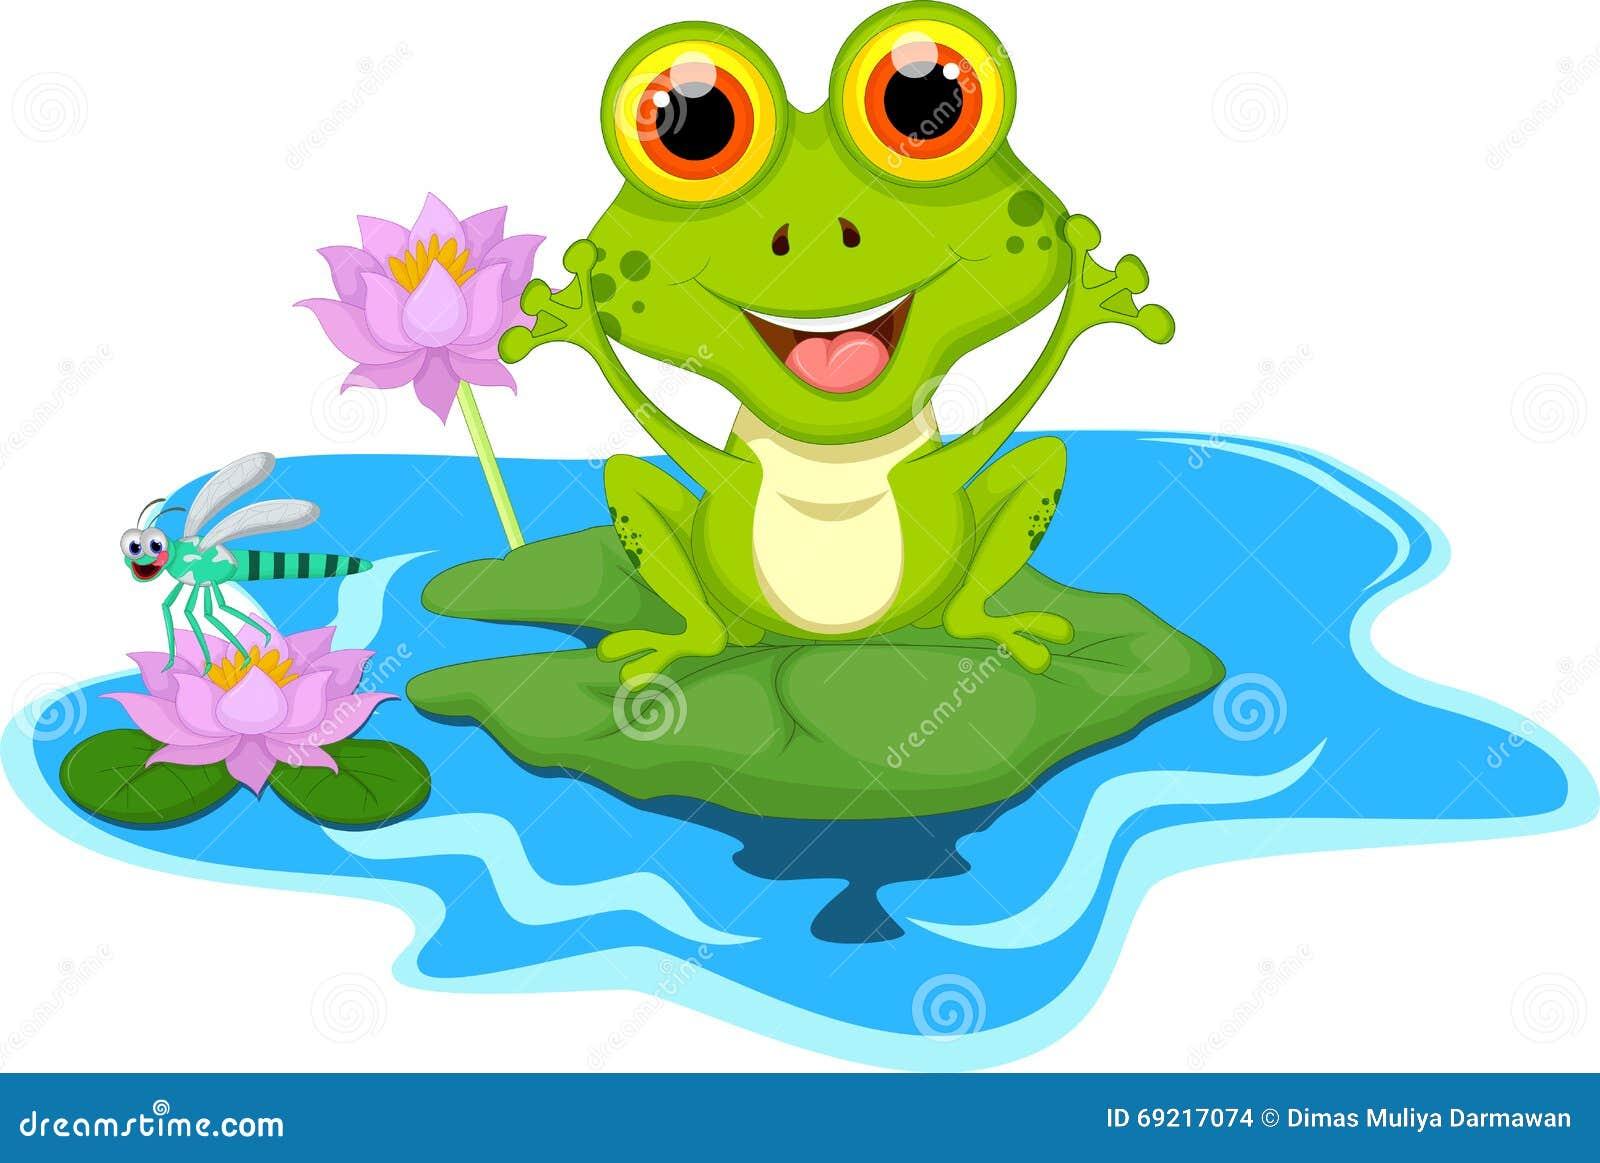 Смешная зеленая лягушка сидя на лист